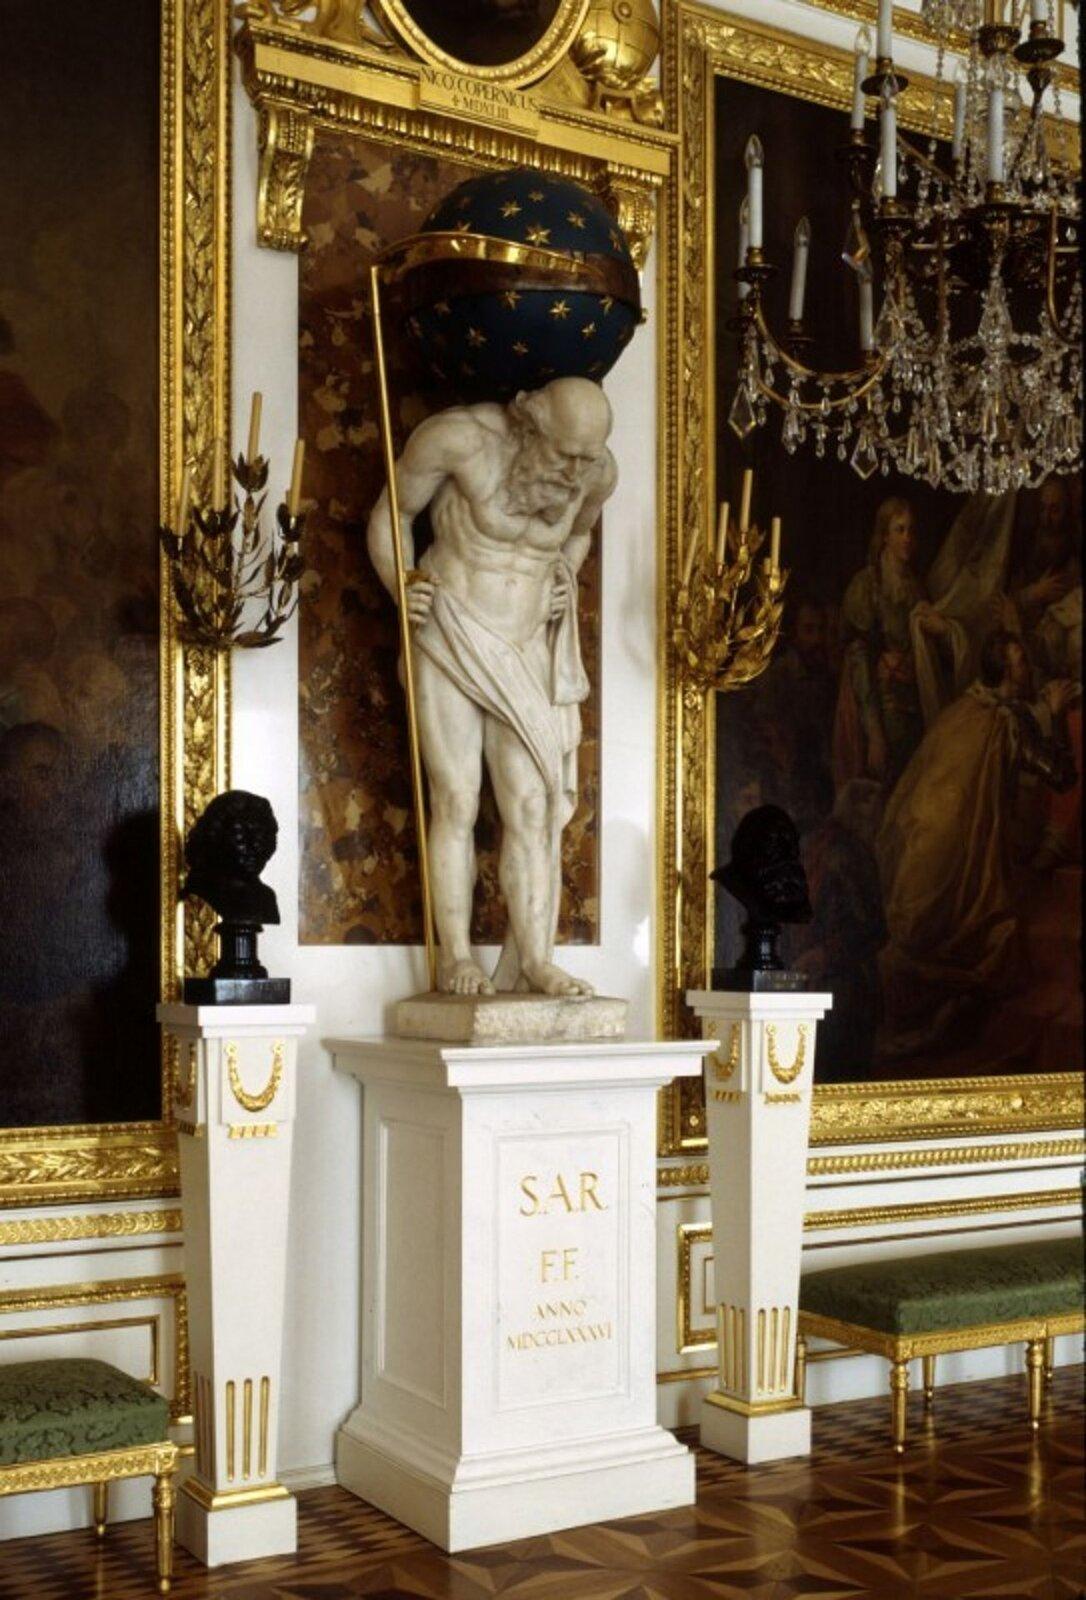 """Ilustracja przedstawia dzieło Giacomo Monaldiego """"Chronos"""". Ukazuje posąg nagiego starca dźwigającego na barkach gwiaździsty glob, na którego ruchomej obręczy, służącej jako tarcza zegara, trzymaną wręku kosą wskazuje godziny odmierzane mechanizmem ukrytym wewnątrz kuli, stoi na postumencie znapisem: S.A.R. - F.F. Anno MDCCLXXXVI (Stanislaus Augustus Fieri Fecit 1786)."""